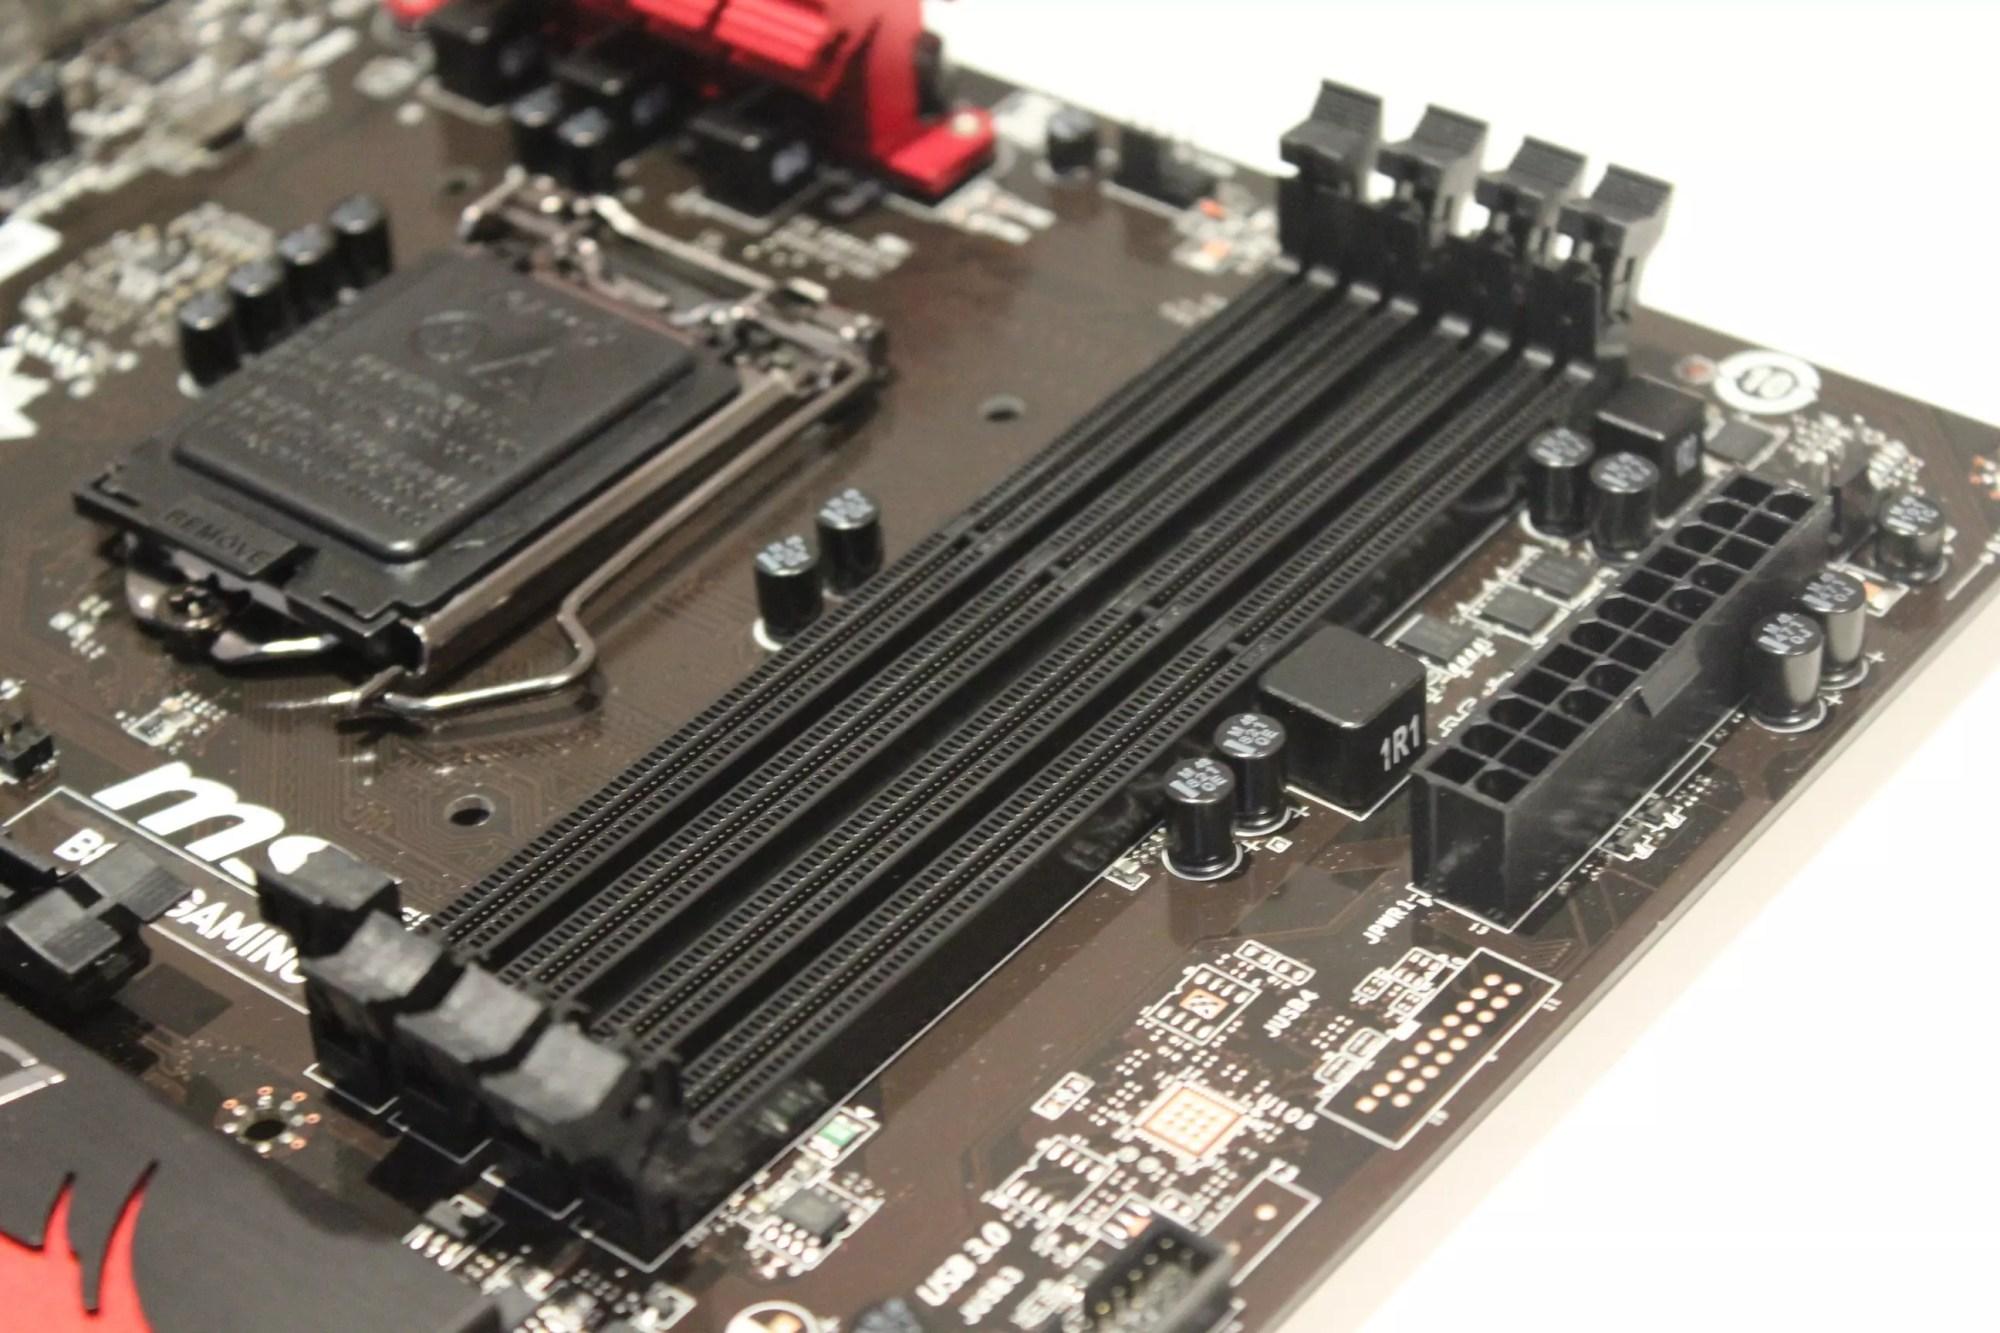 hight resolution of los dos disipadores son bastante primarios teniendo en cuenta que el chipset b85 es bastante sencillo como hab amos comentado al principio de esta review y